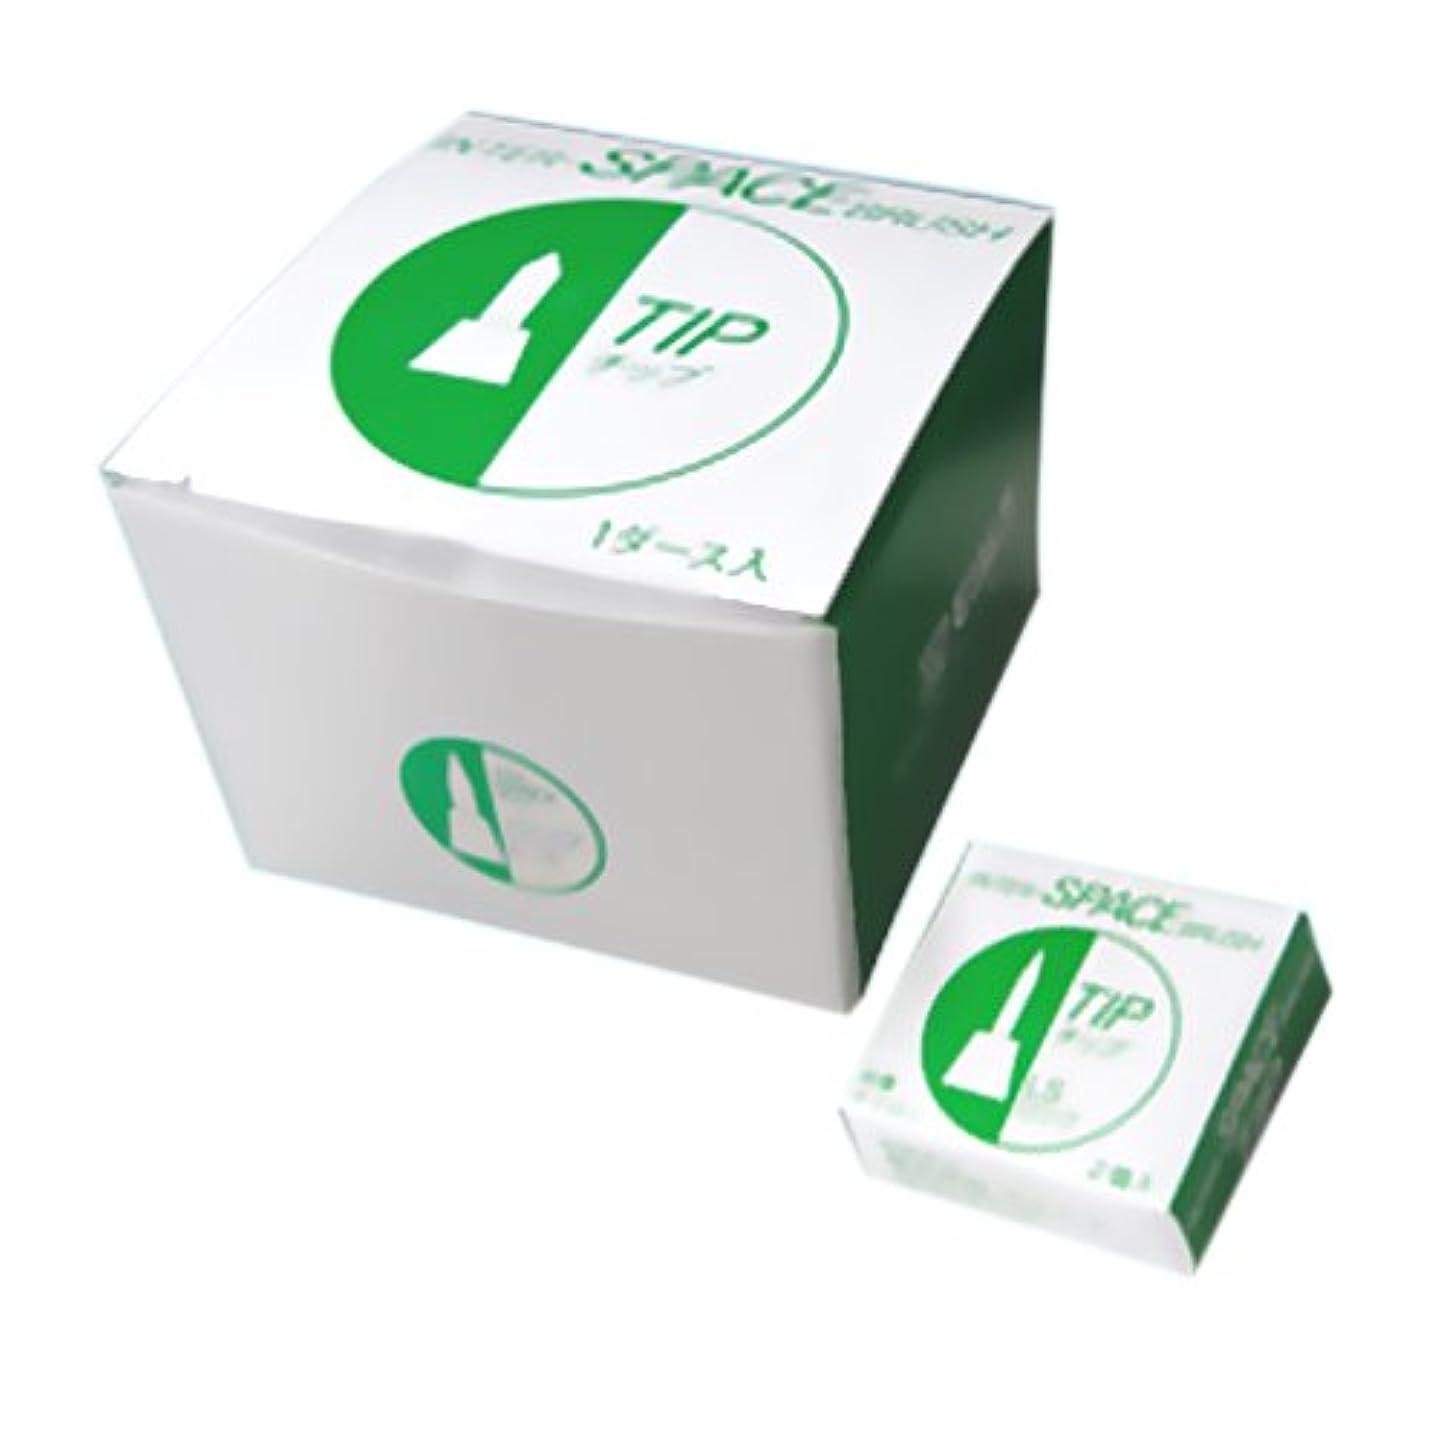 インタースペース ? ブラシ 専用 替えブラシ 2個入 × 12箱 ロング ? ソフト LS